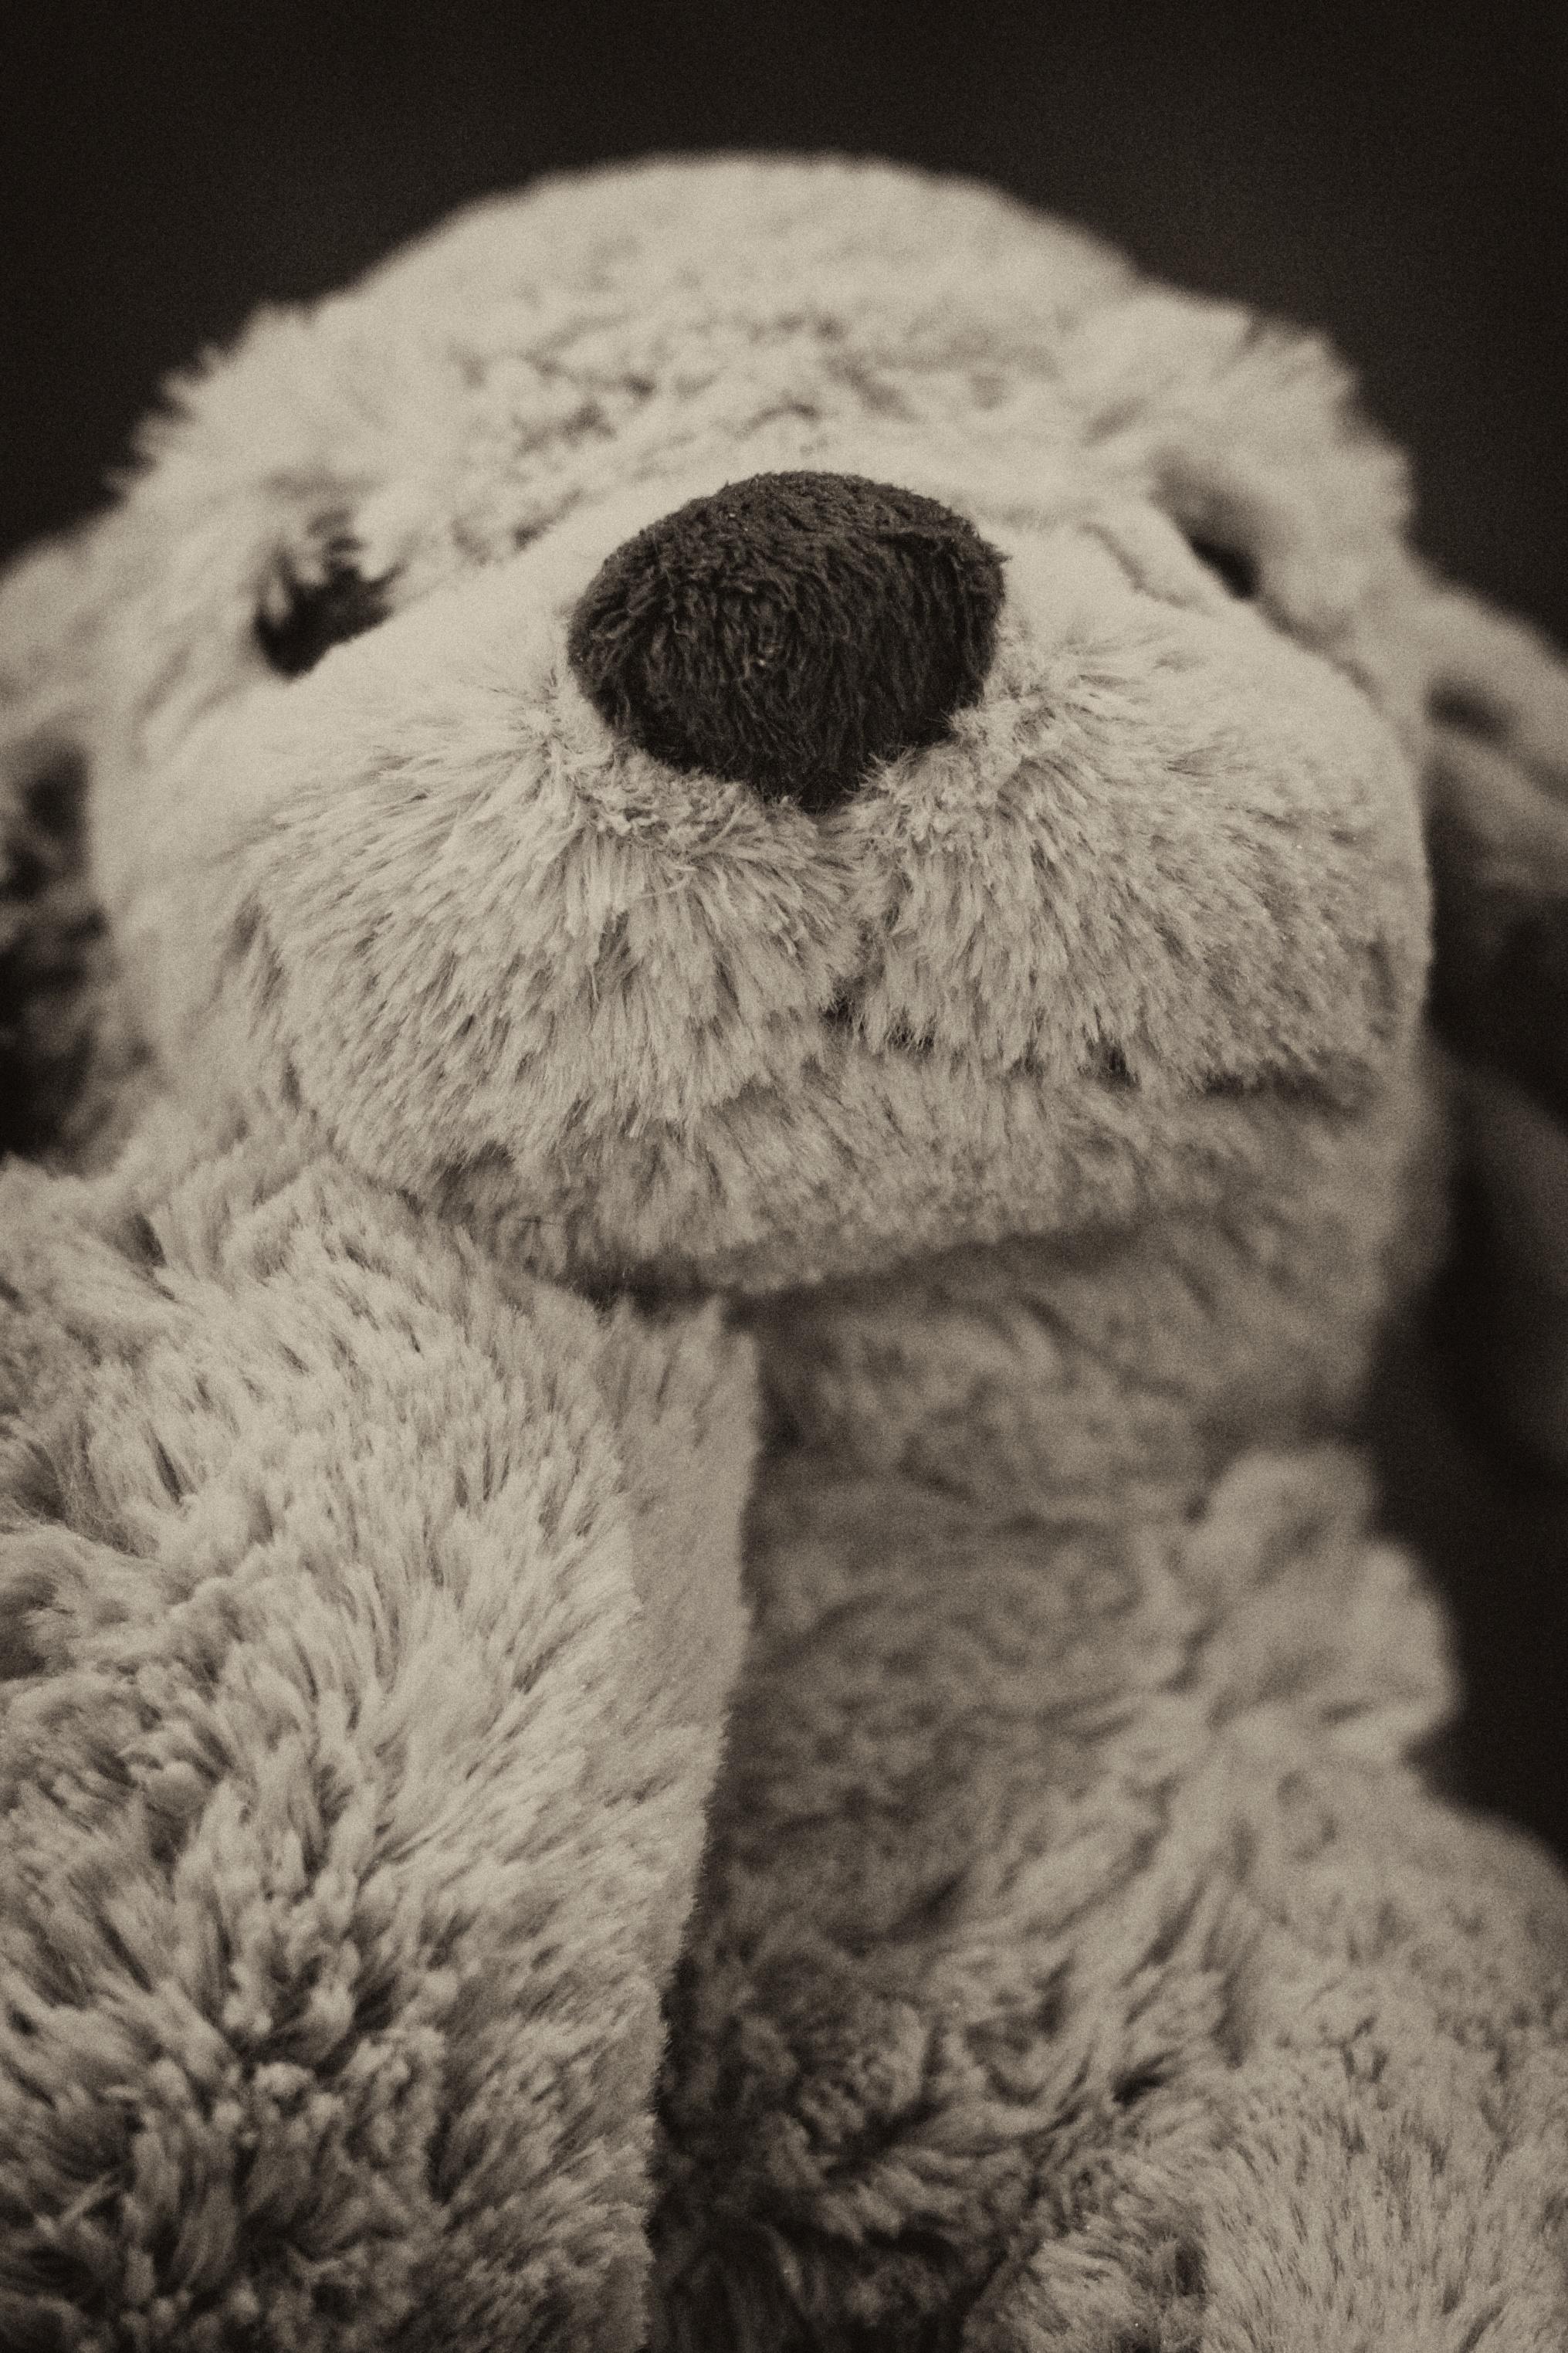 Kostenlose foto : Schwarz und weiß, Weiß, Pelz, Säugetier, einfarbig ...